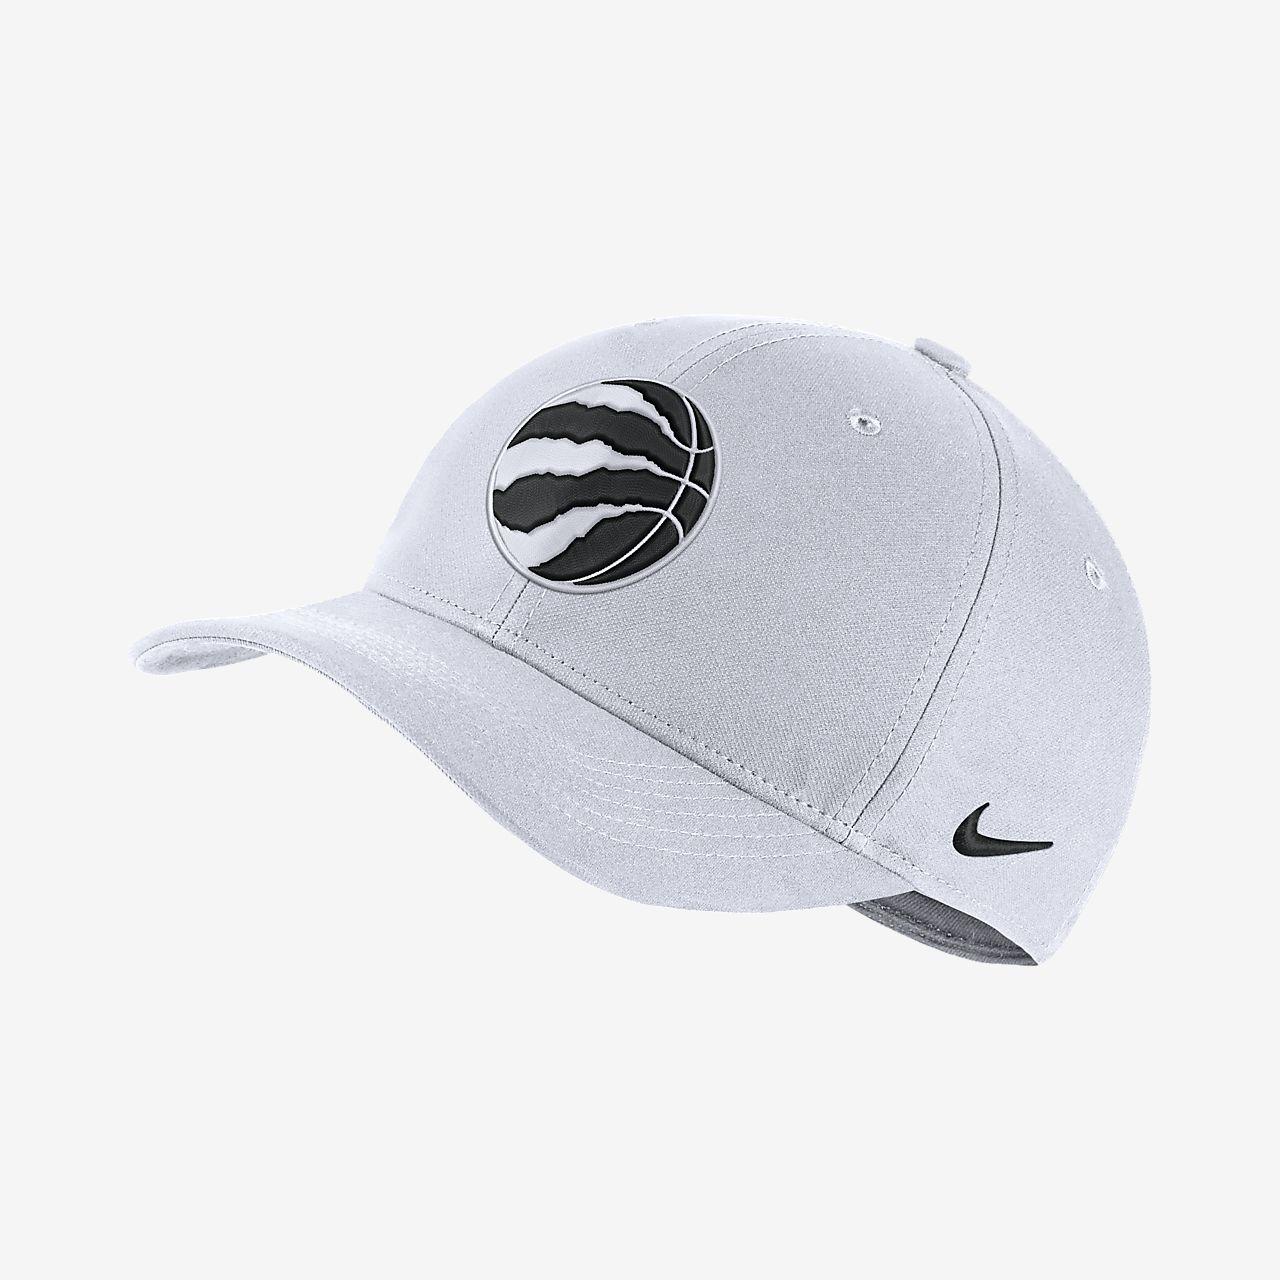 Cappello Toronto Raptors City Edition Nike AeroBill Classic99 NBA ... 8d2036413047